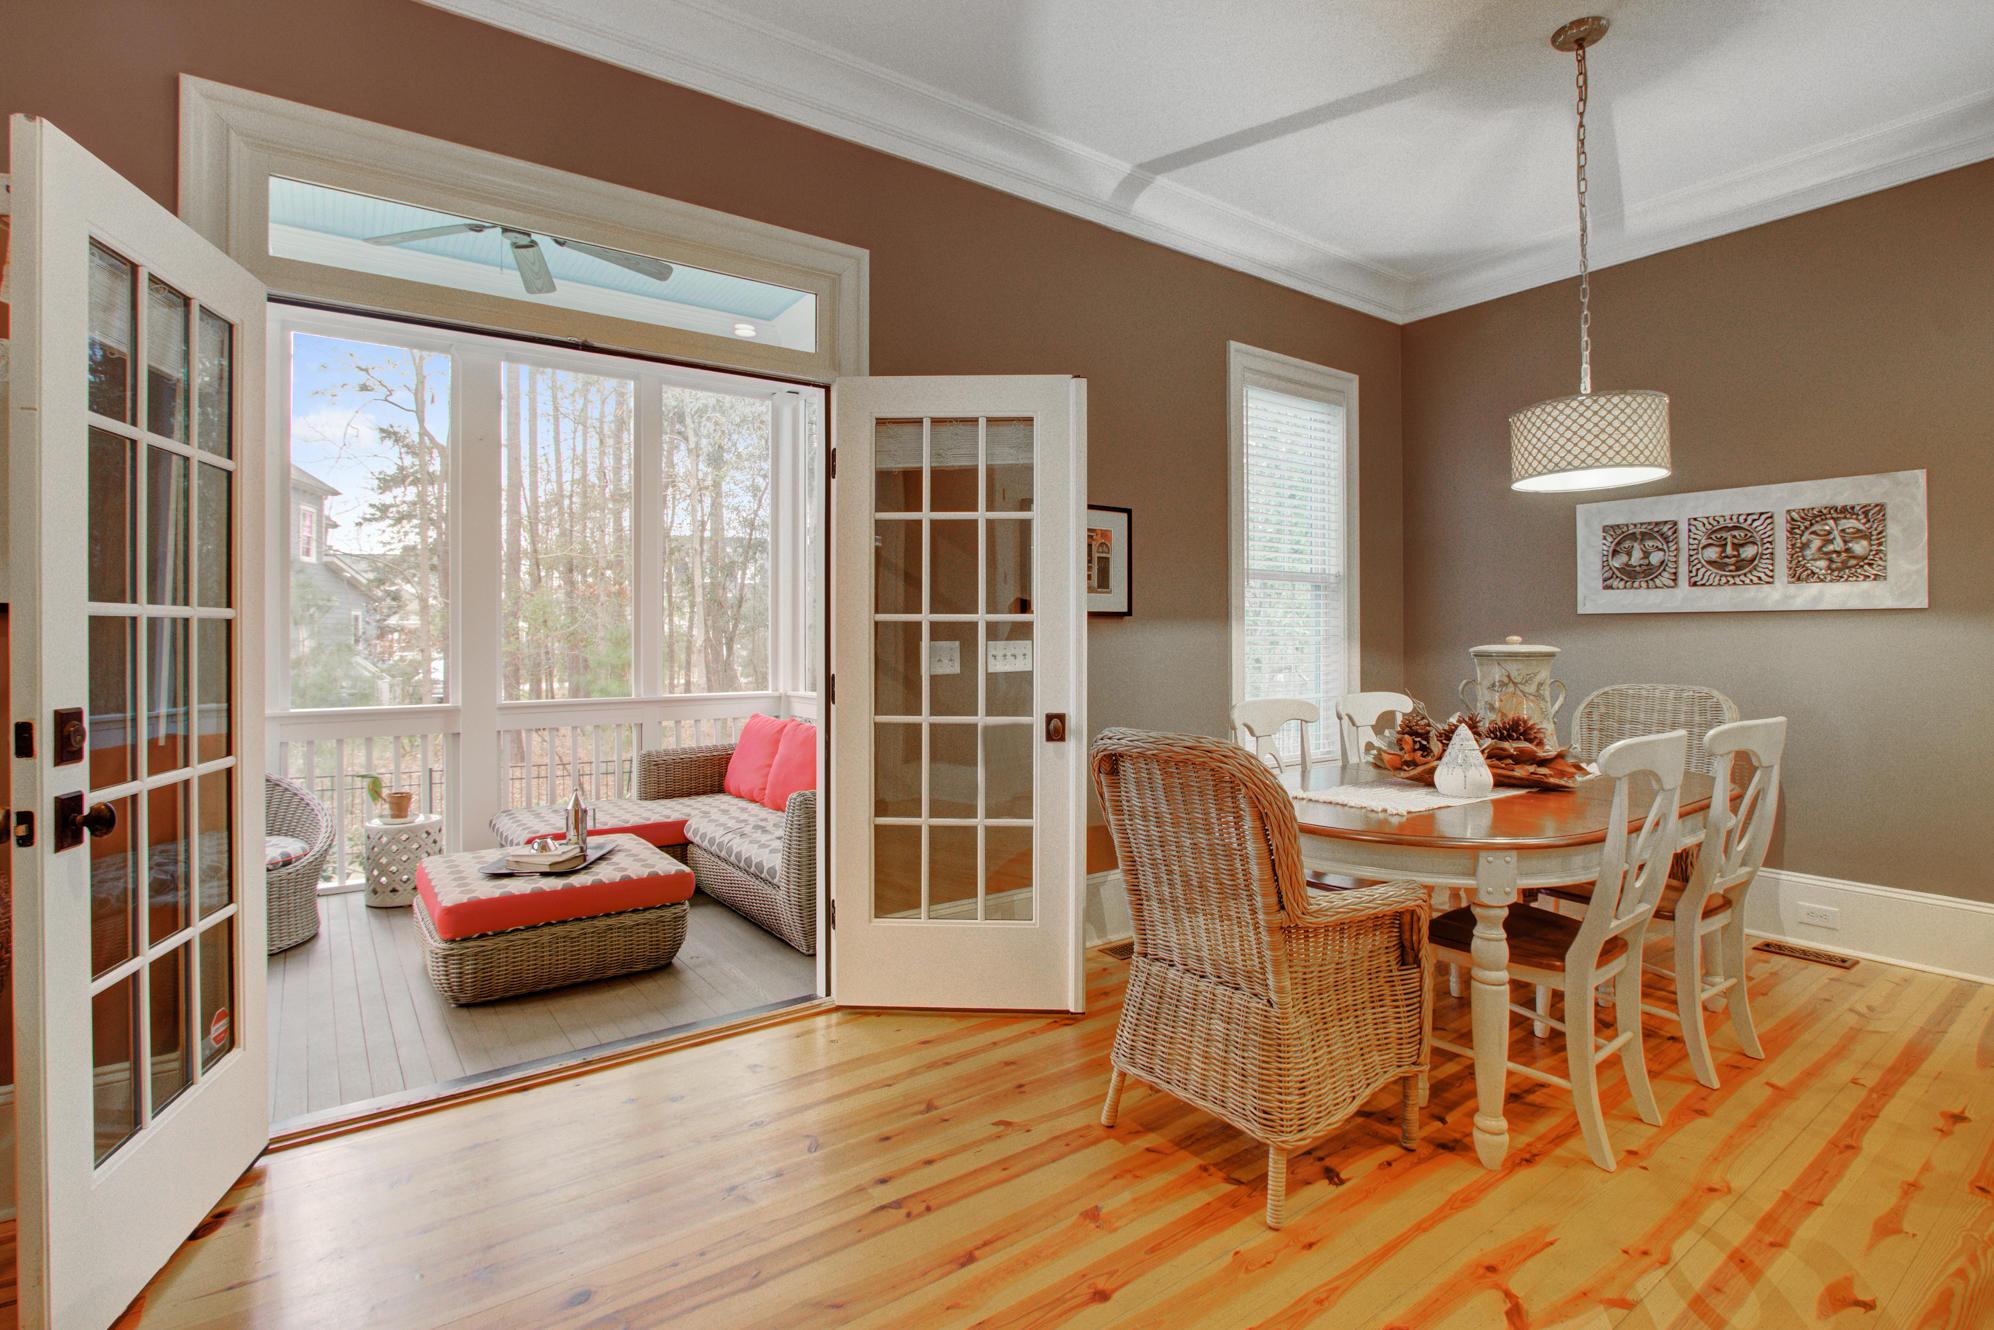 Park West Homes For Sale - 1527 Capel, Mount Pleasant, SC - 32